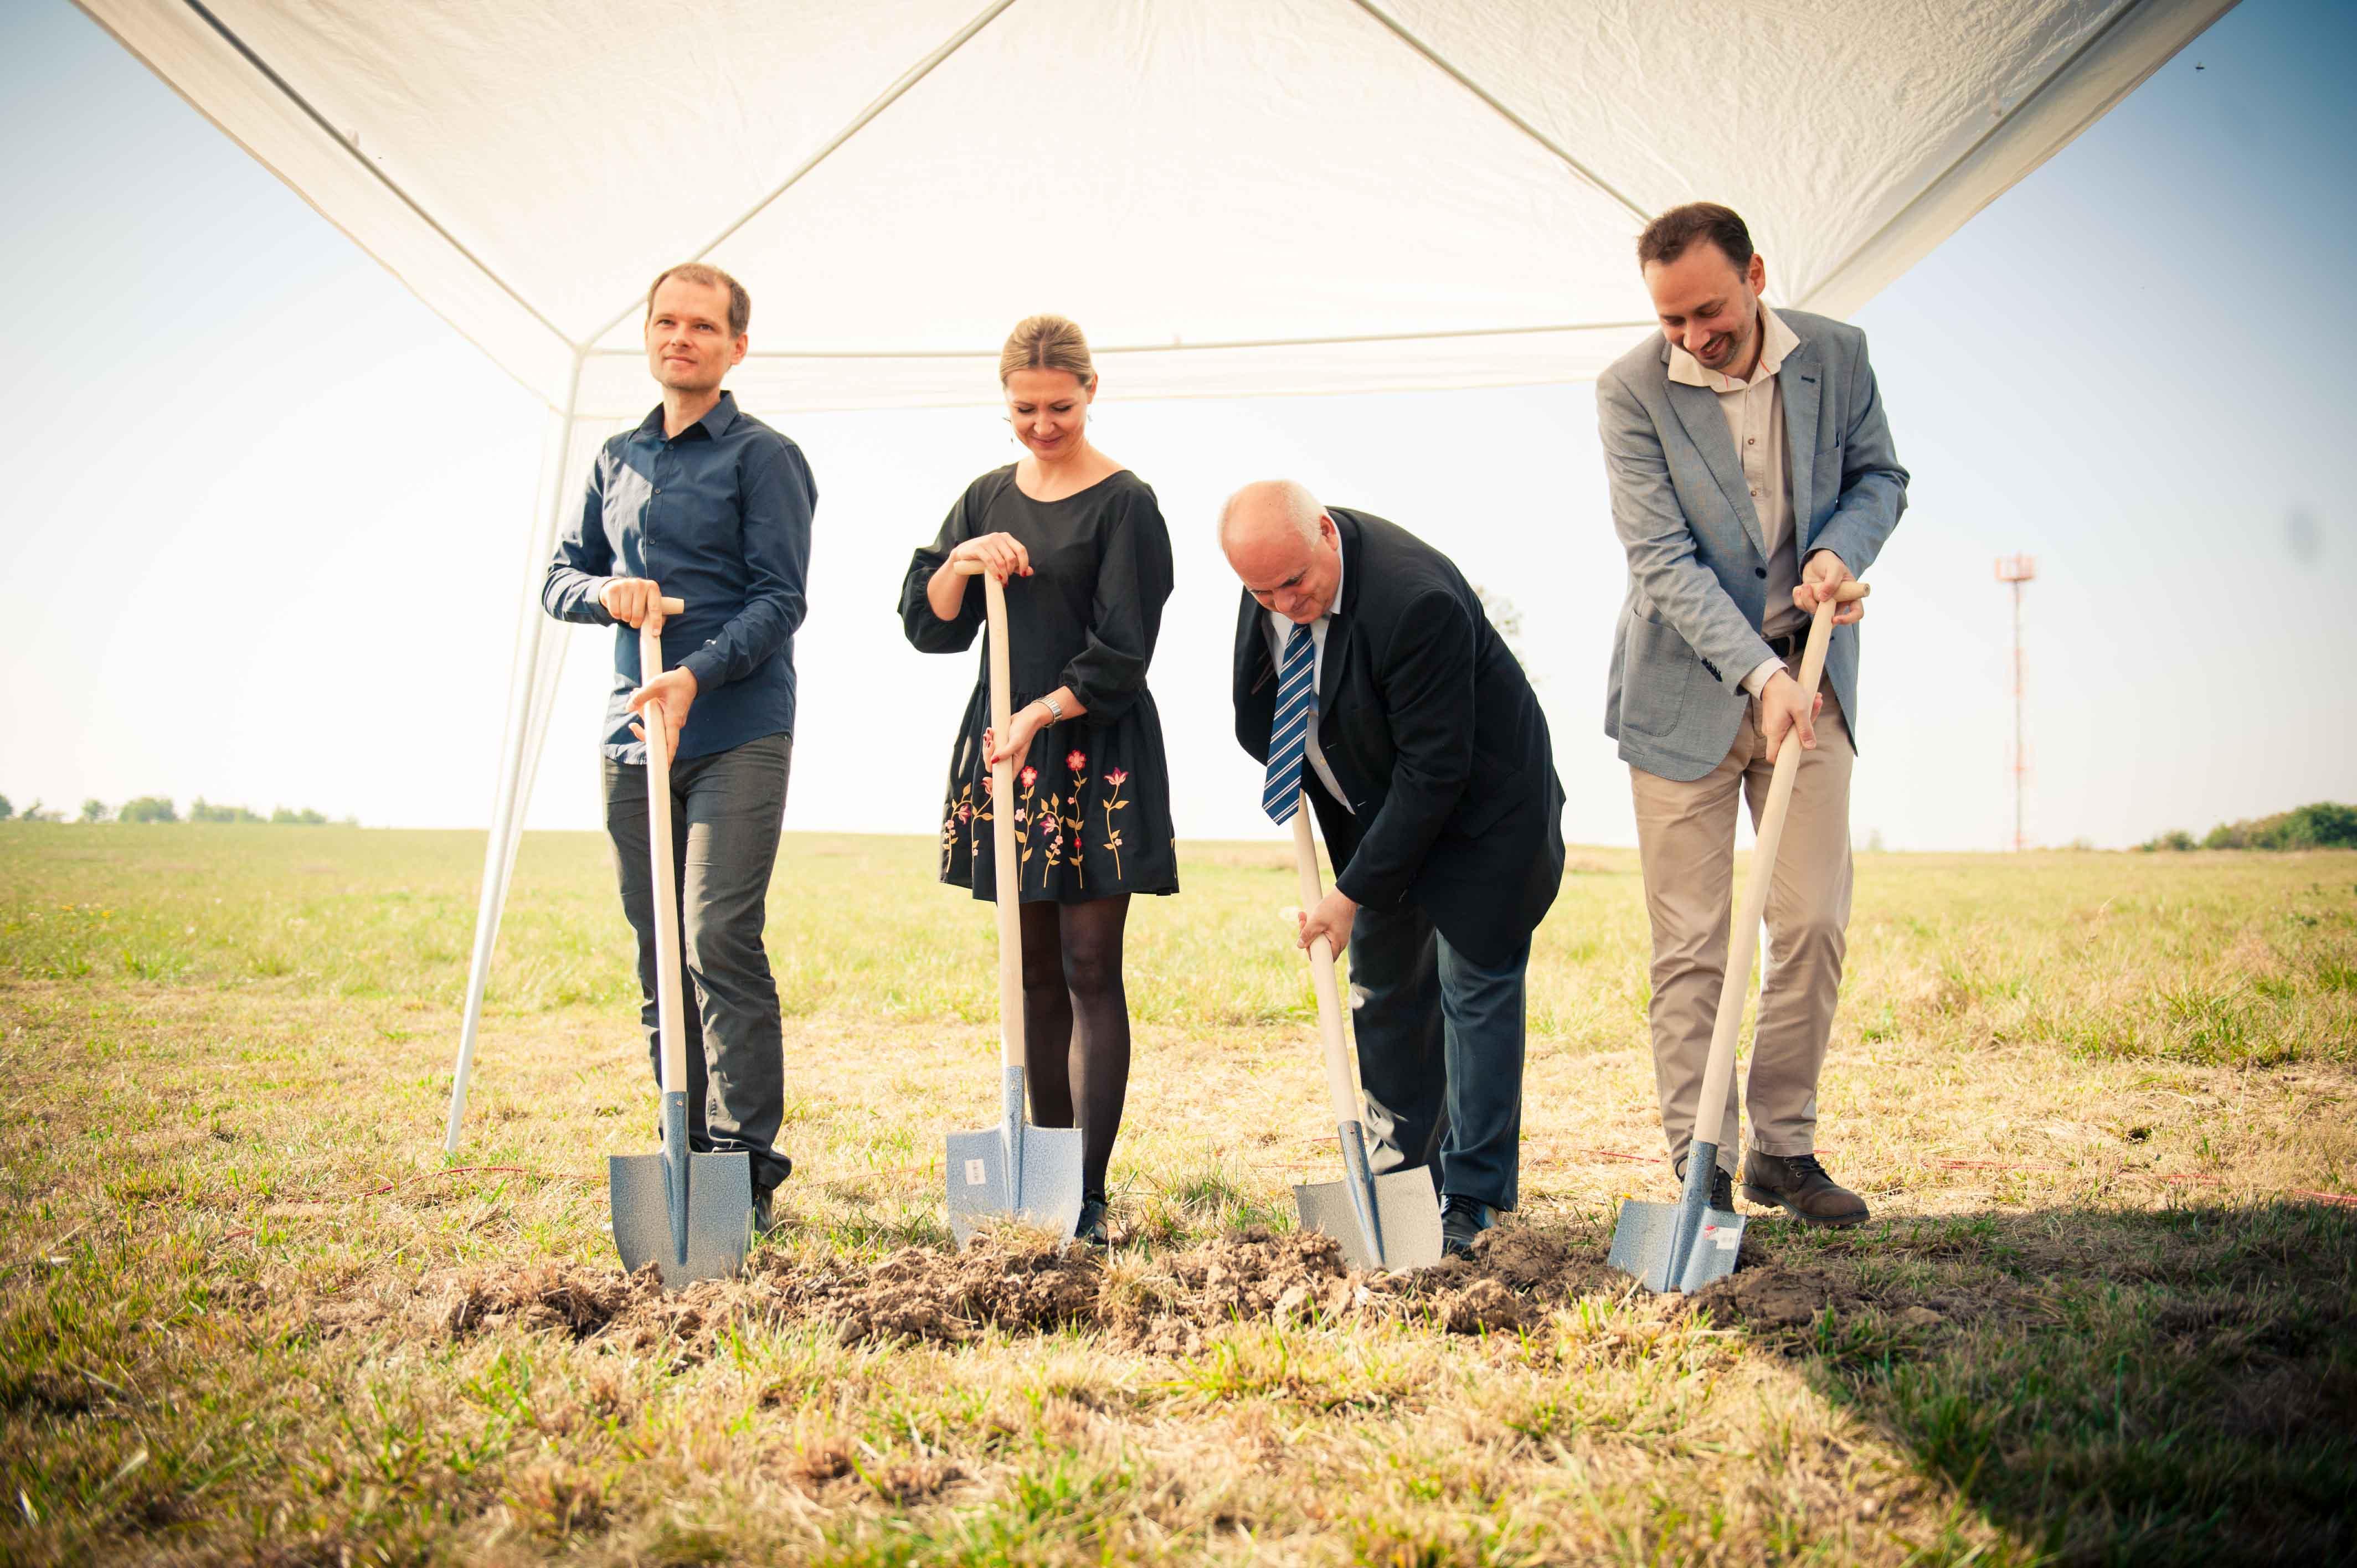 Stredoškolský kampus budúcnosti začal vyrastať v obci Vištuk